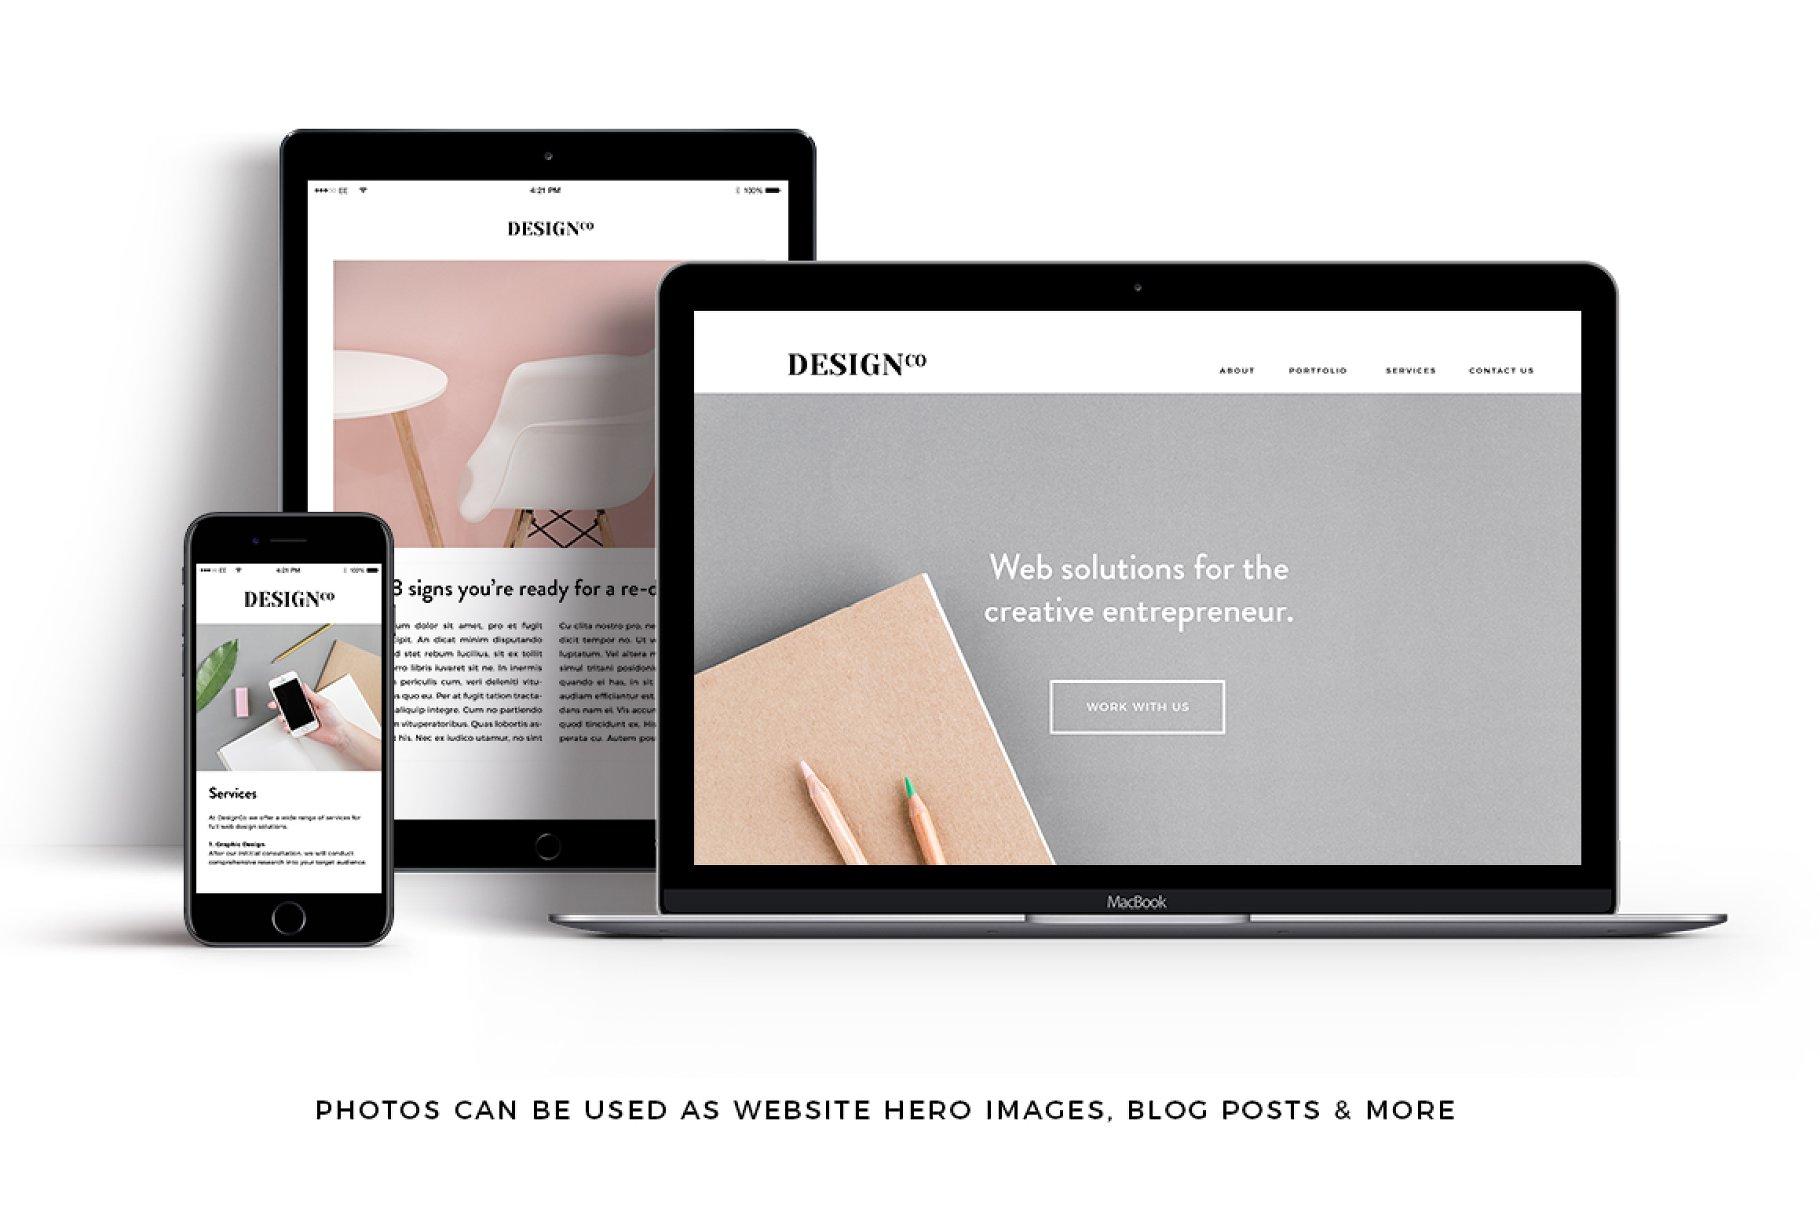 粉色柔和自适应网站界面设计苹果设备屏幕演示样机 Pink & Botanical Stock Photo Bundle插图5